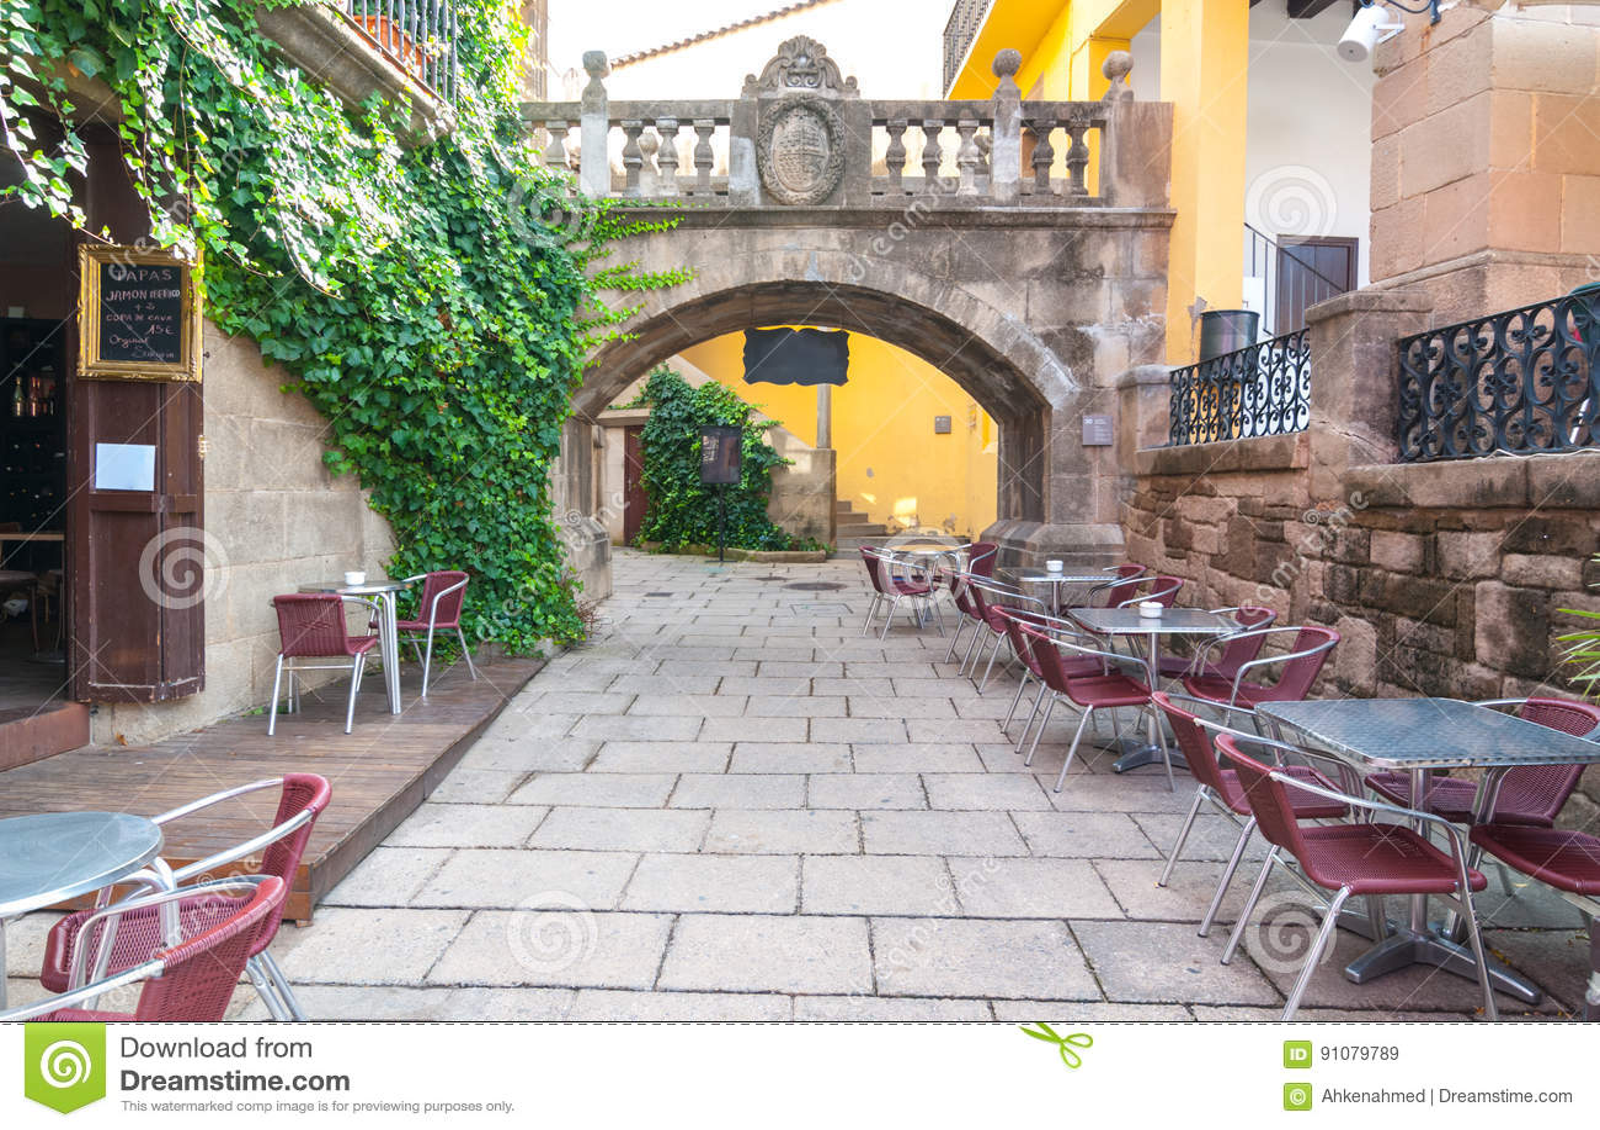 Dinant le fresque d Al attend dans Barceloneta dans la ville de Barcelone